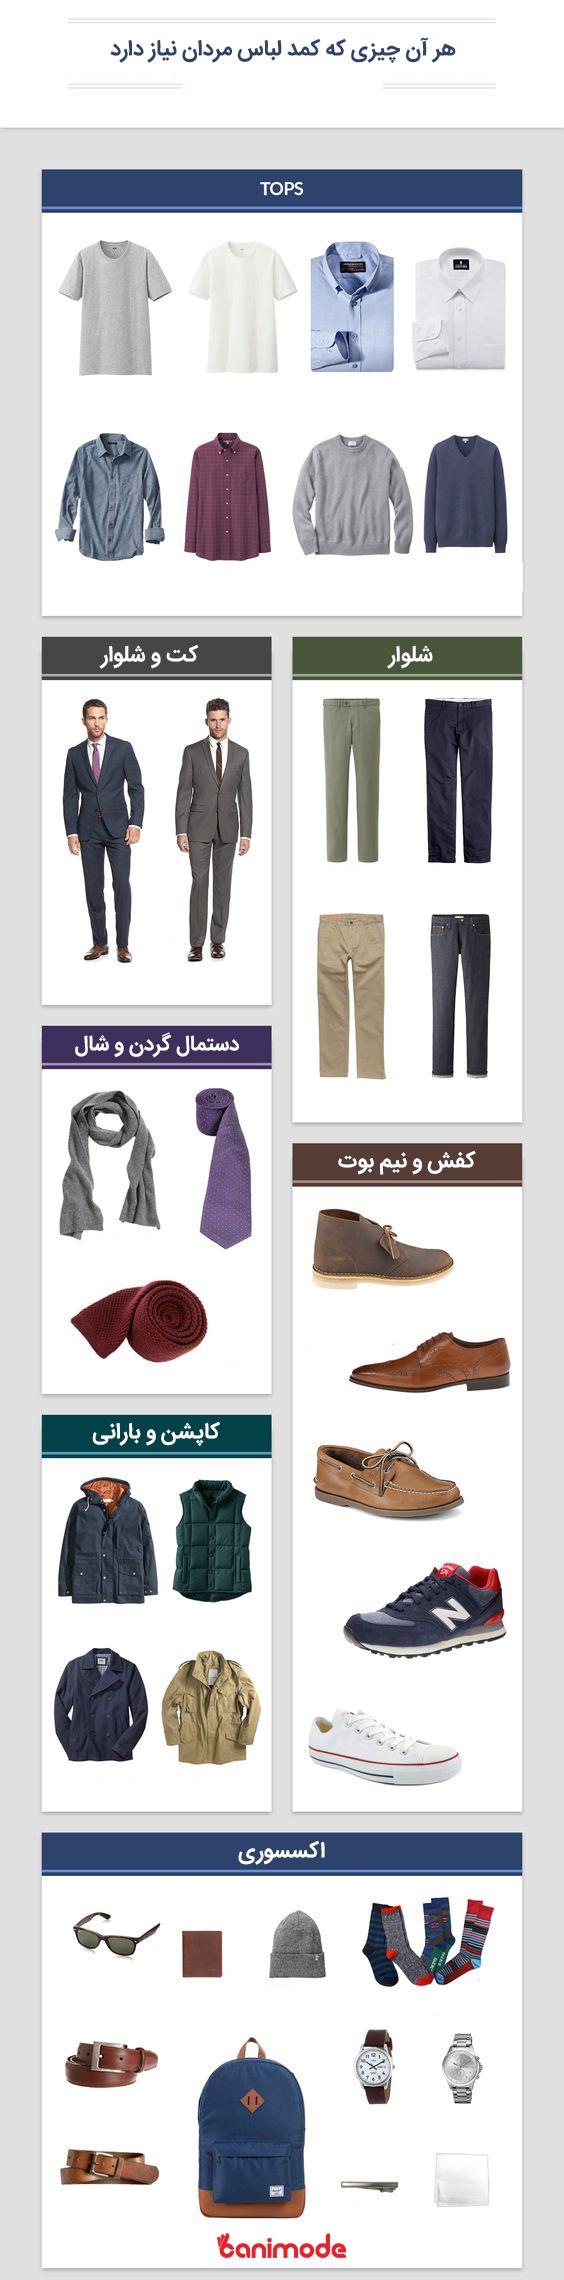 کمد لباس مردان خوش استایل